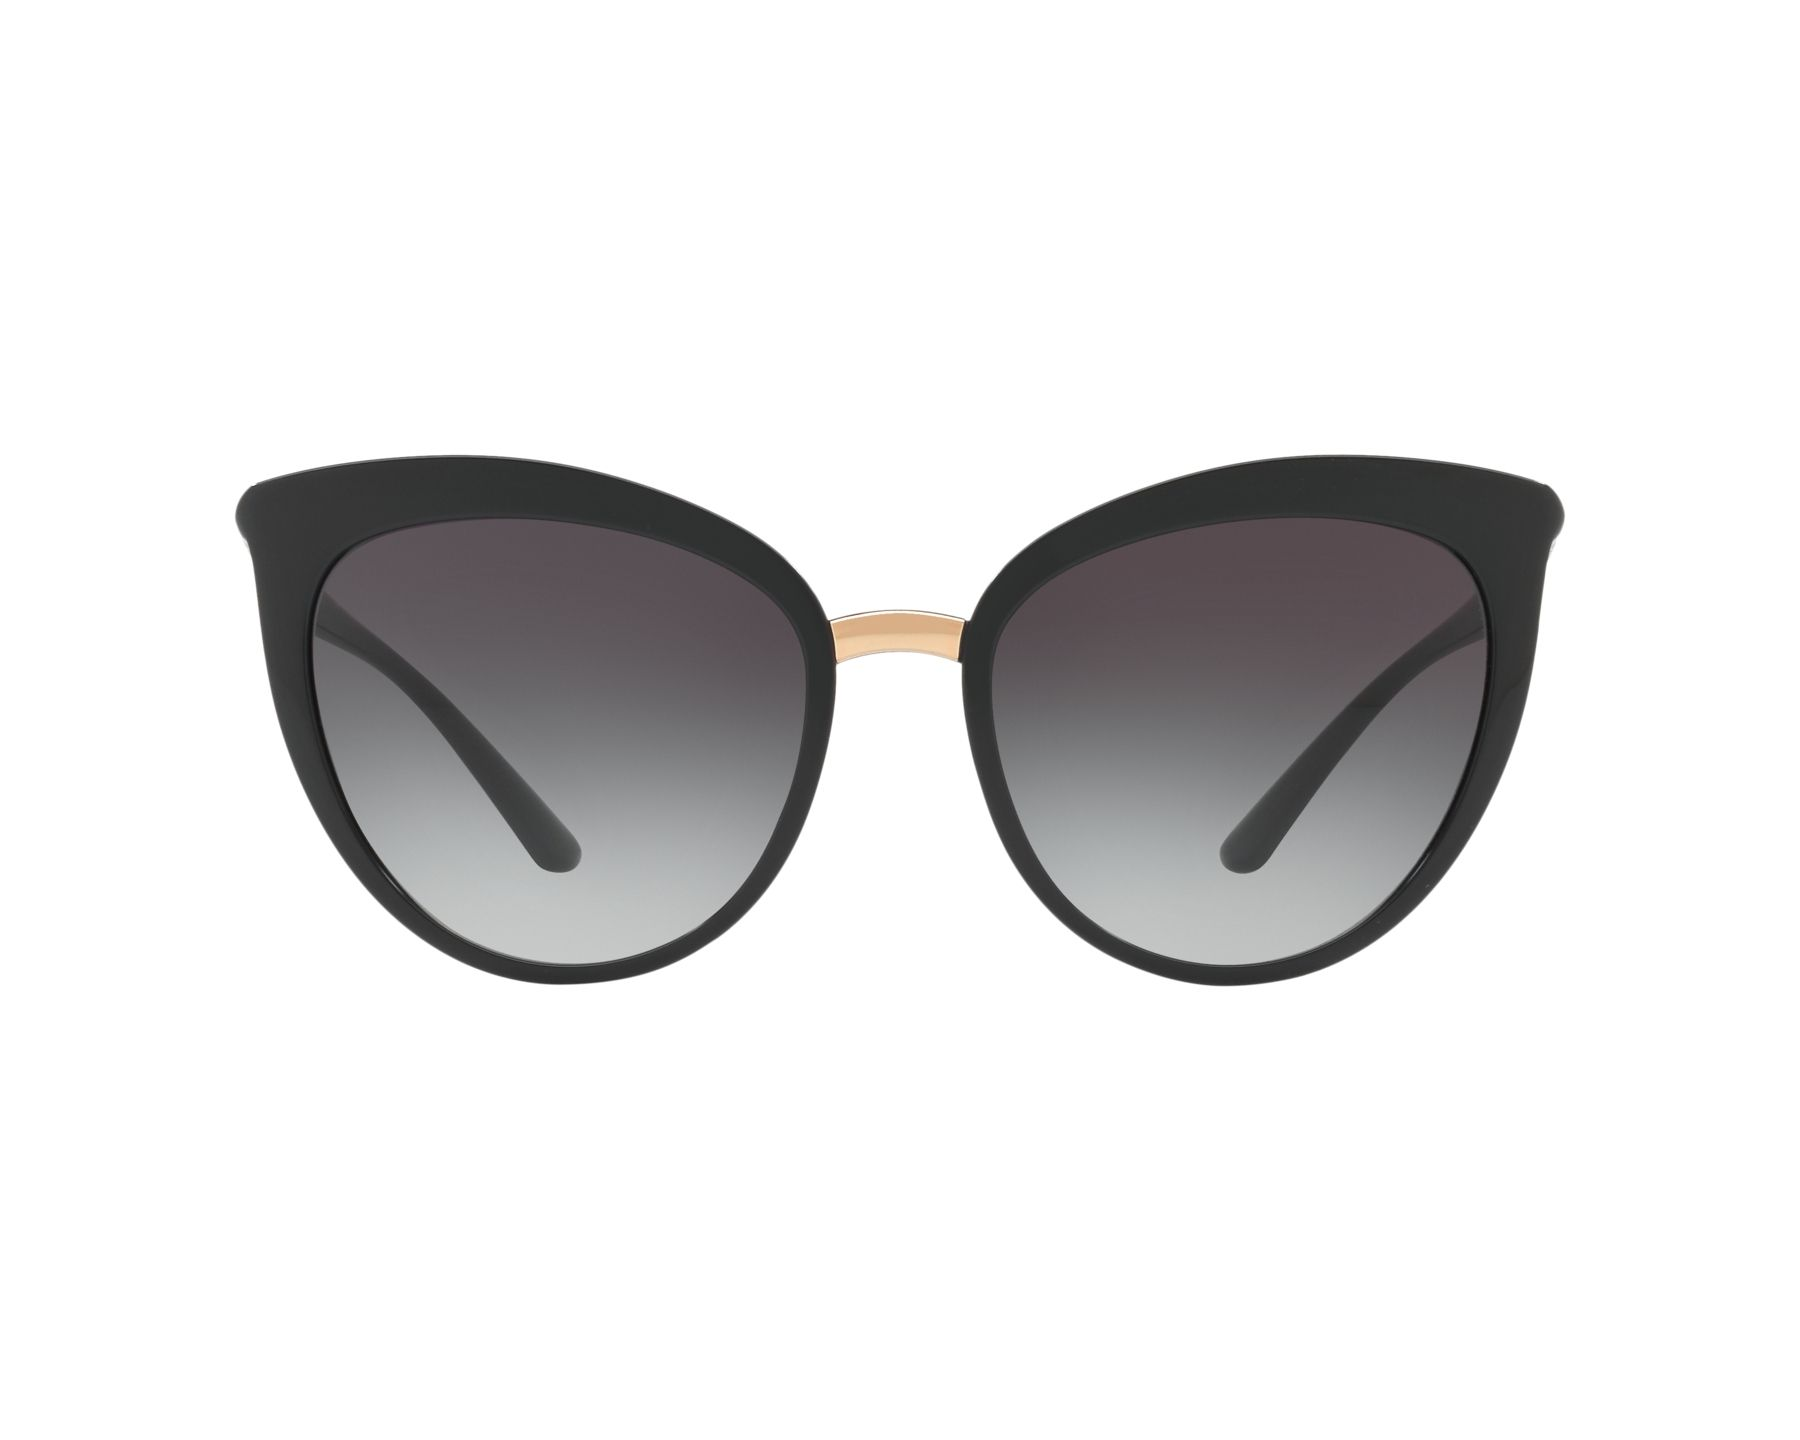 Dolce and Gabbana DG6113 Sonnenbrille Schwarz 501/8G 55mm x8oJrAqD